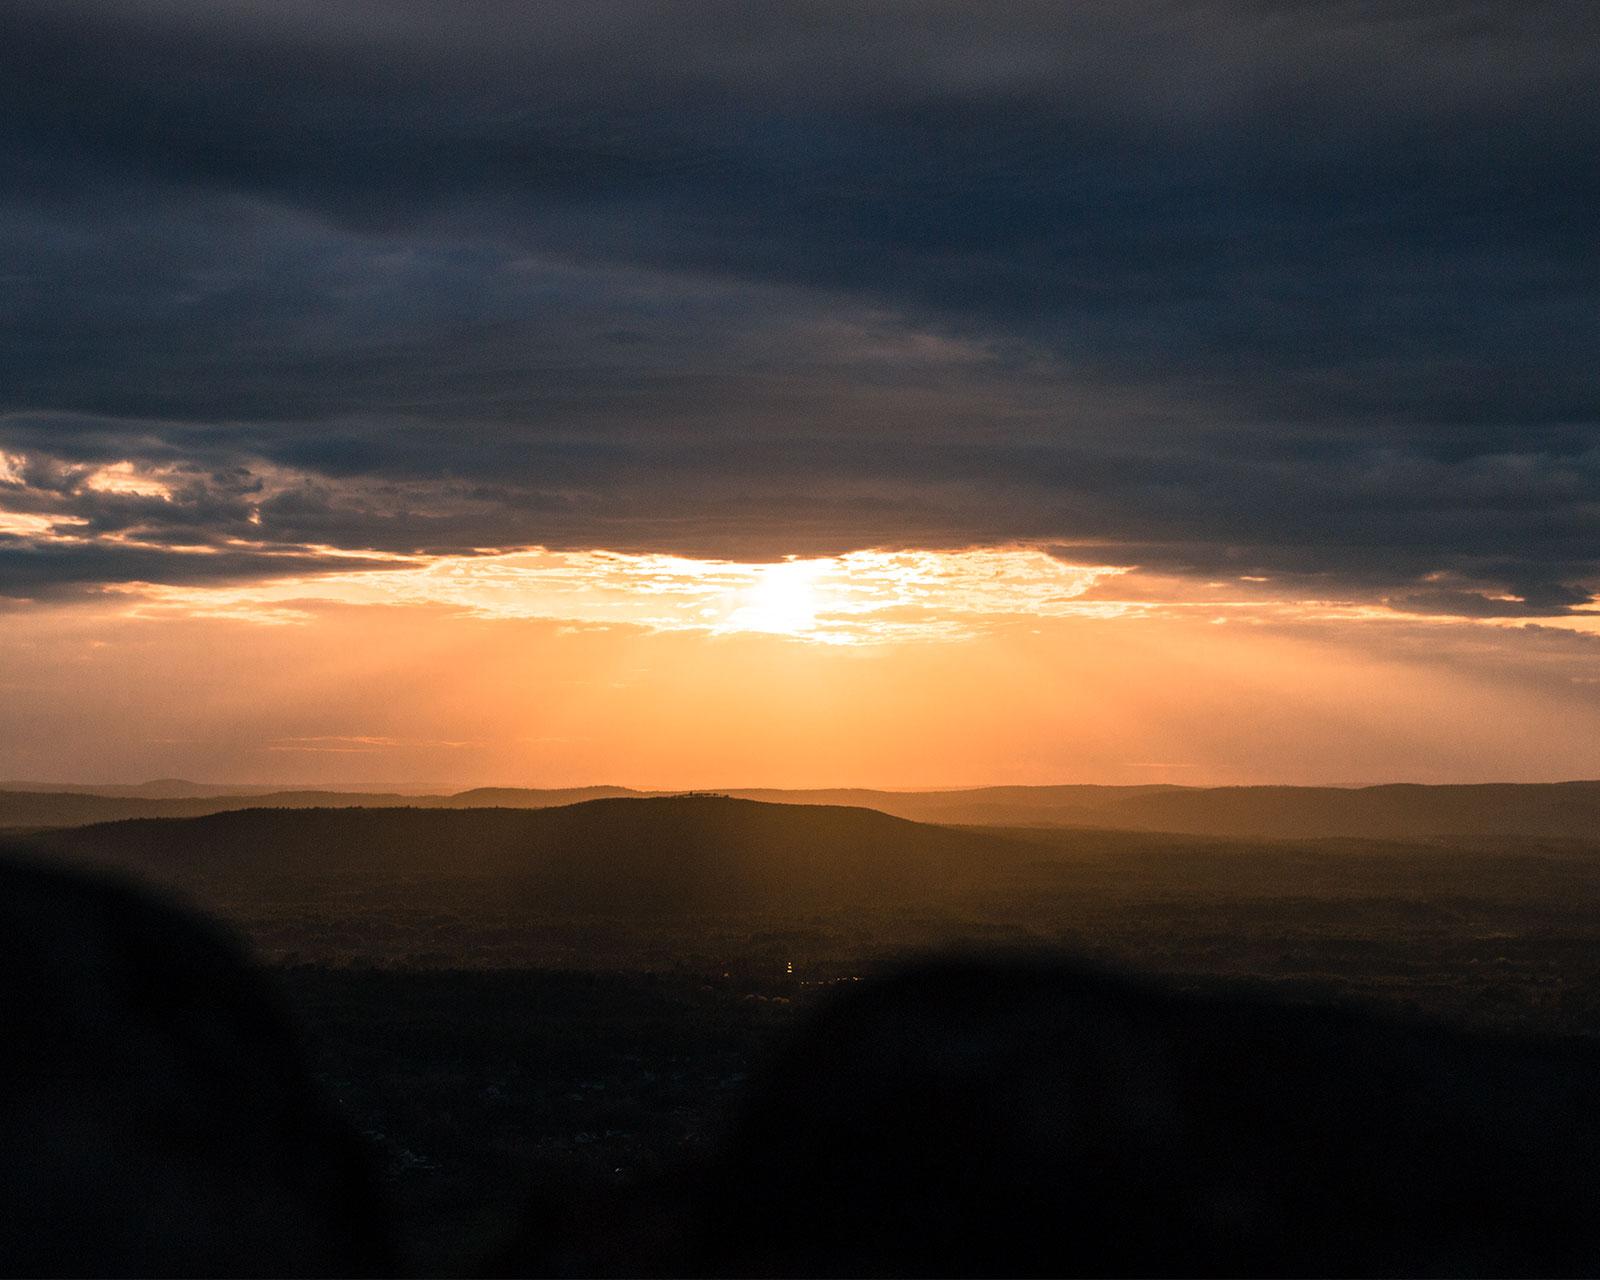 Sunset over Easthampton Massachusetts